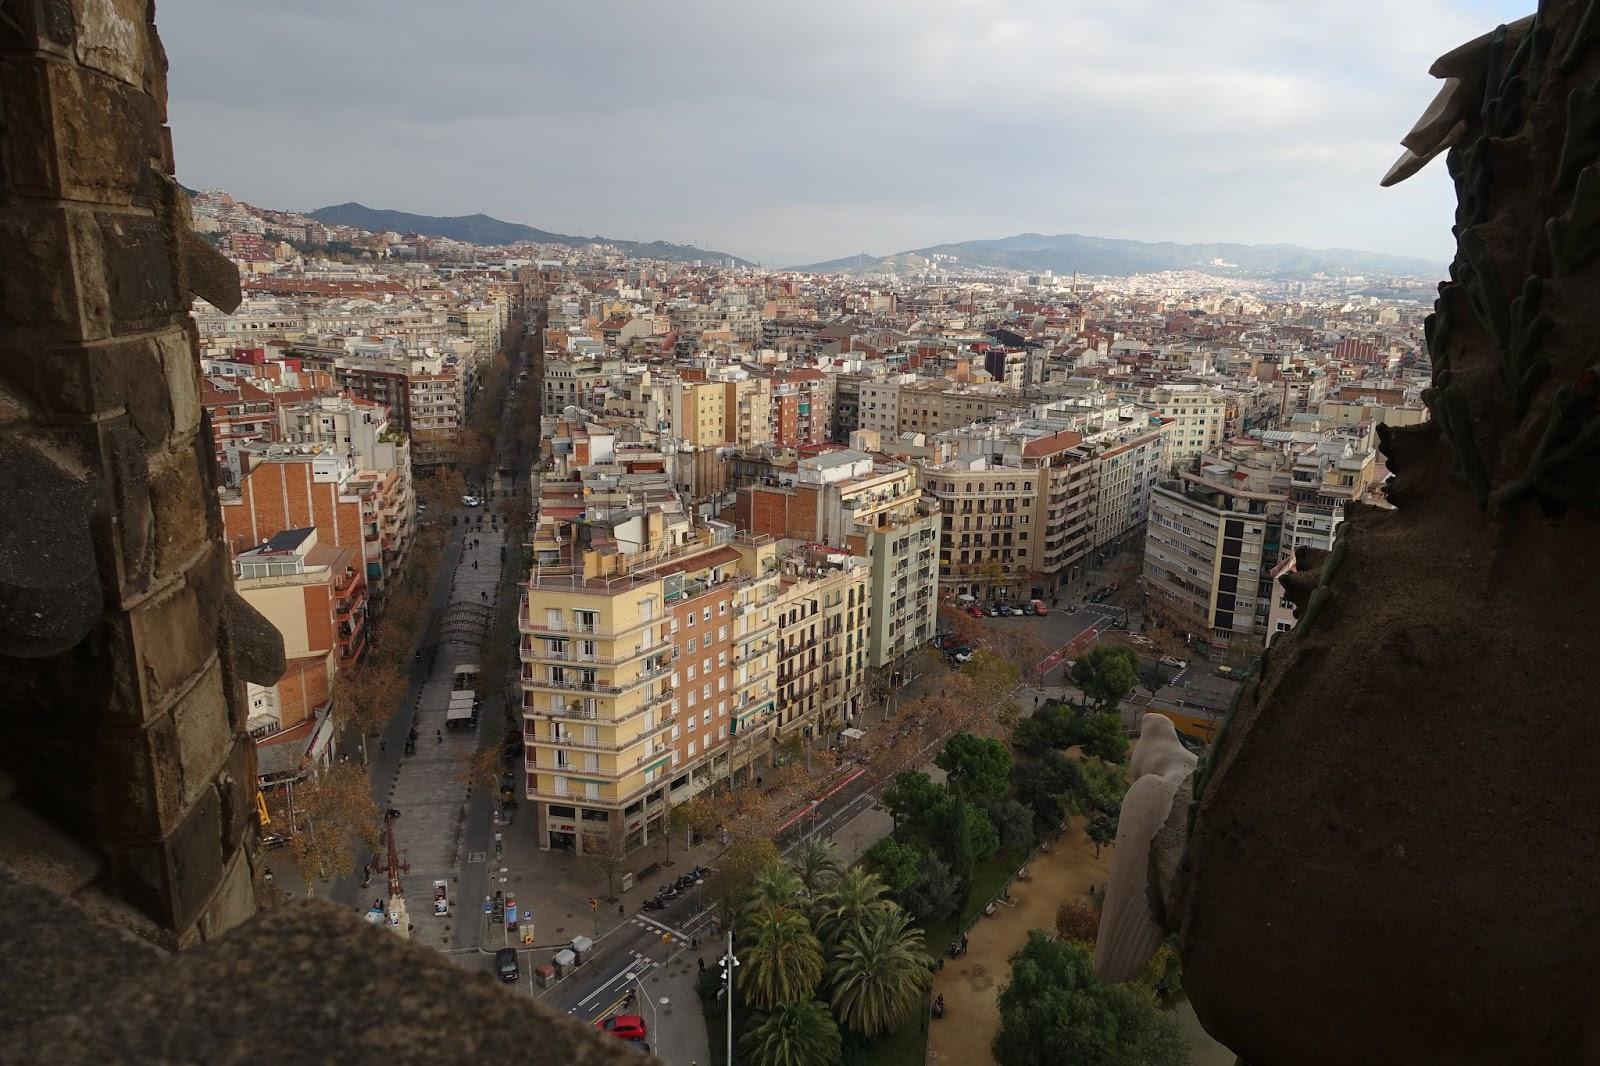 サグラダ・ファミリア (Sagrada Familia)の塔からの眺め